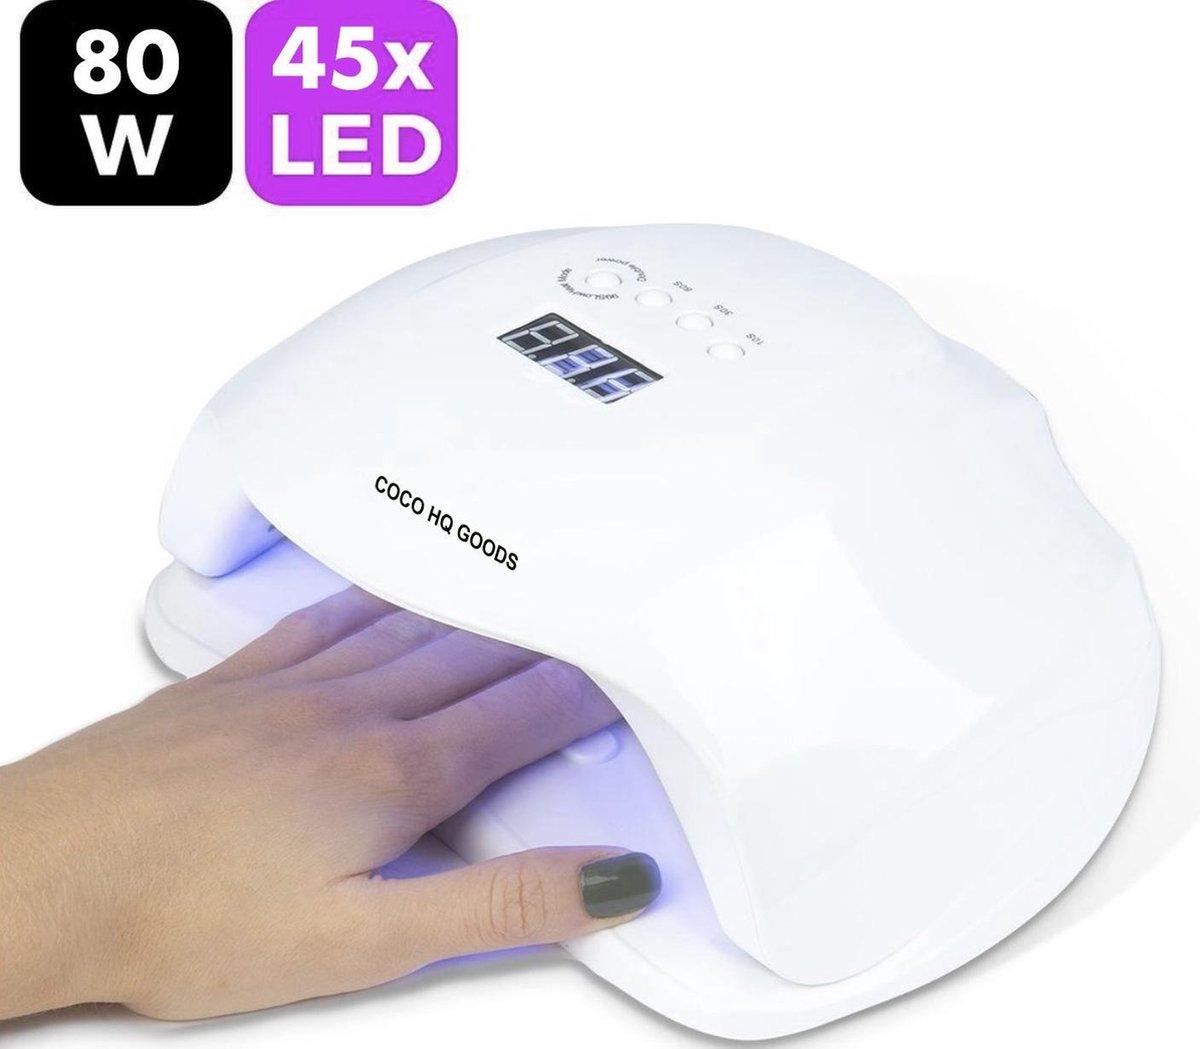 Coco HQ Goods 80W LED Nageldroger voor Gelnagels - Nageldroger - Nagelverzorging - Geschikt voor ALL